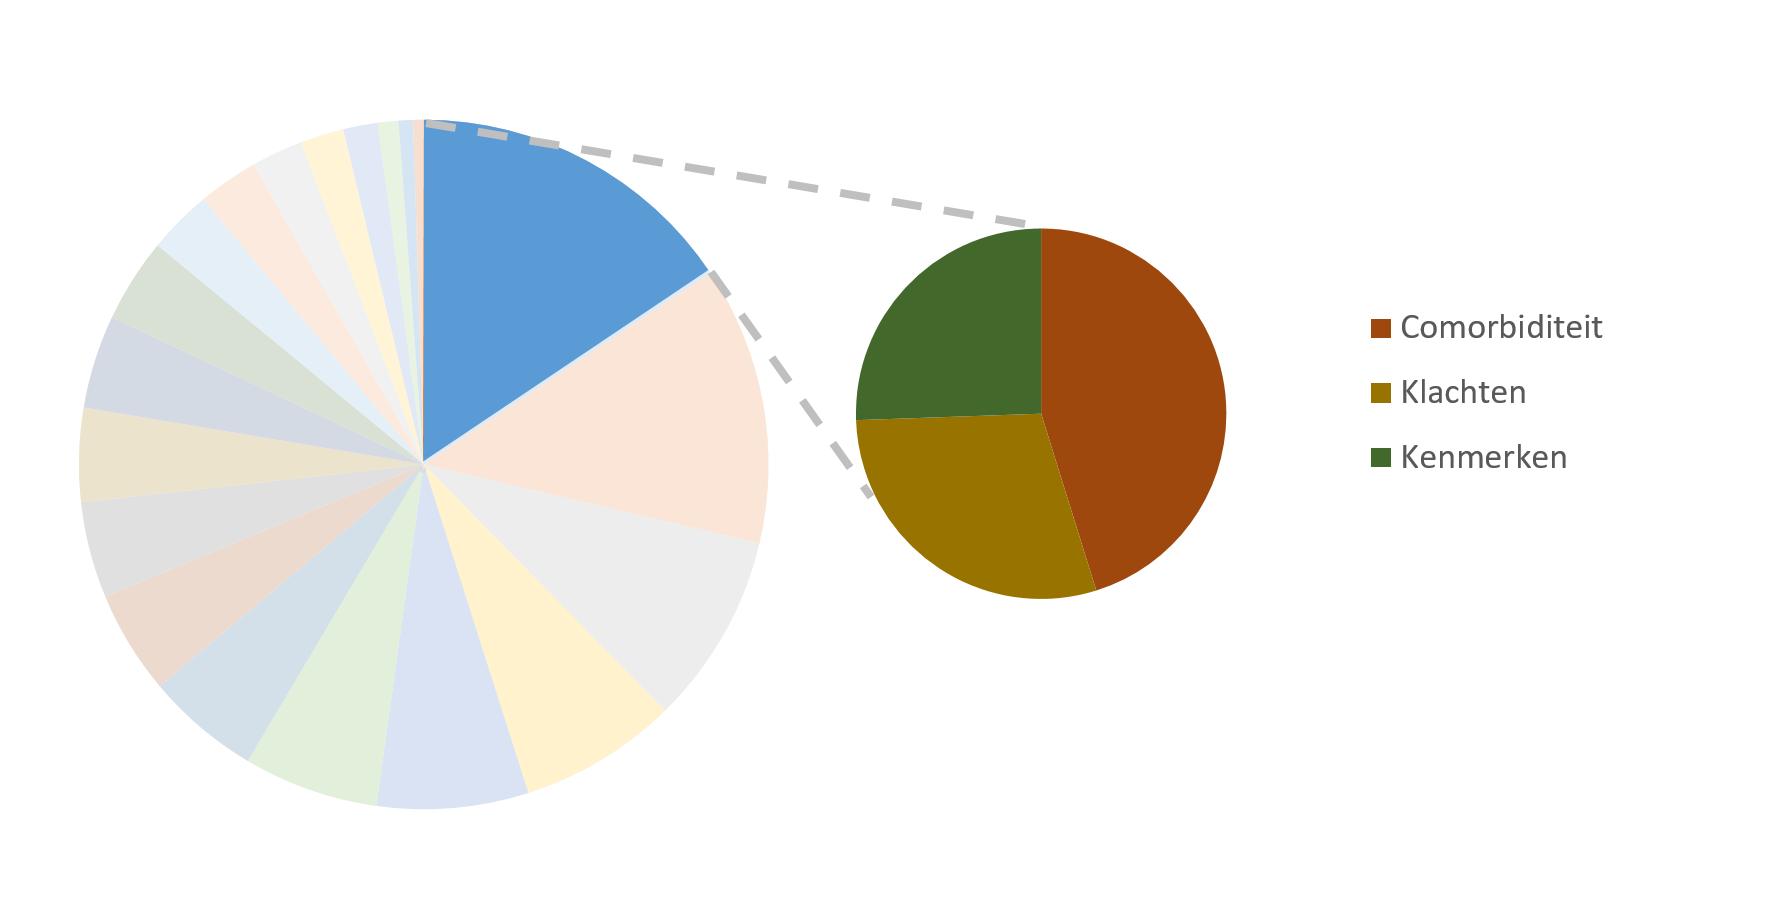 taartdiagram van de subthemas